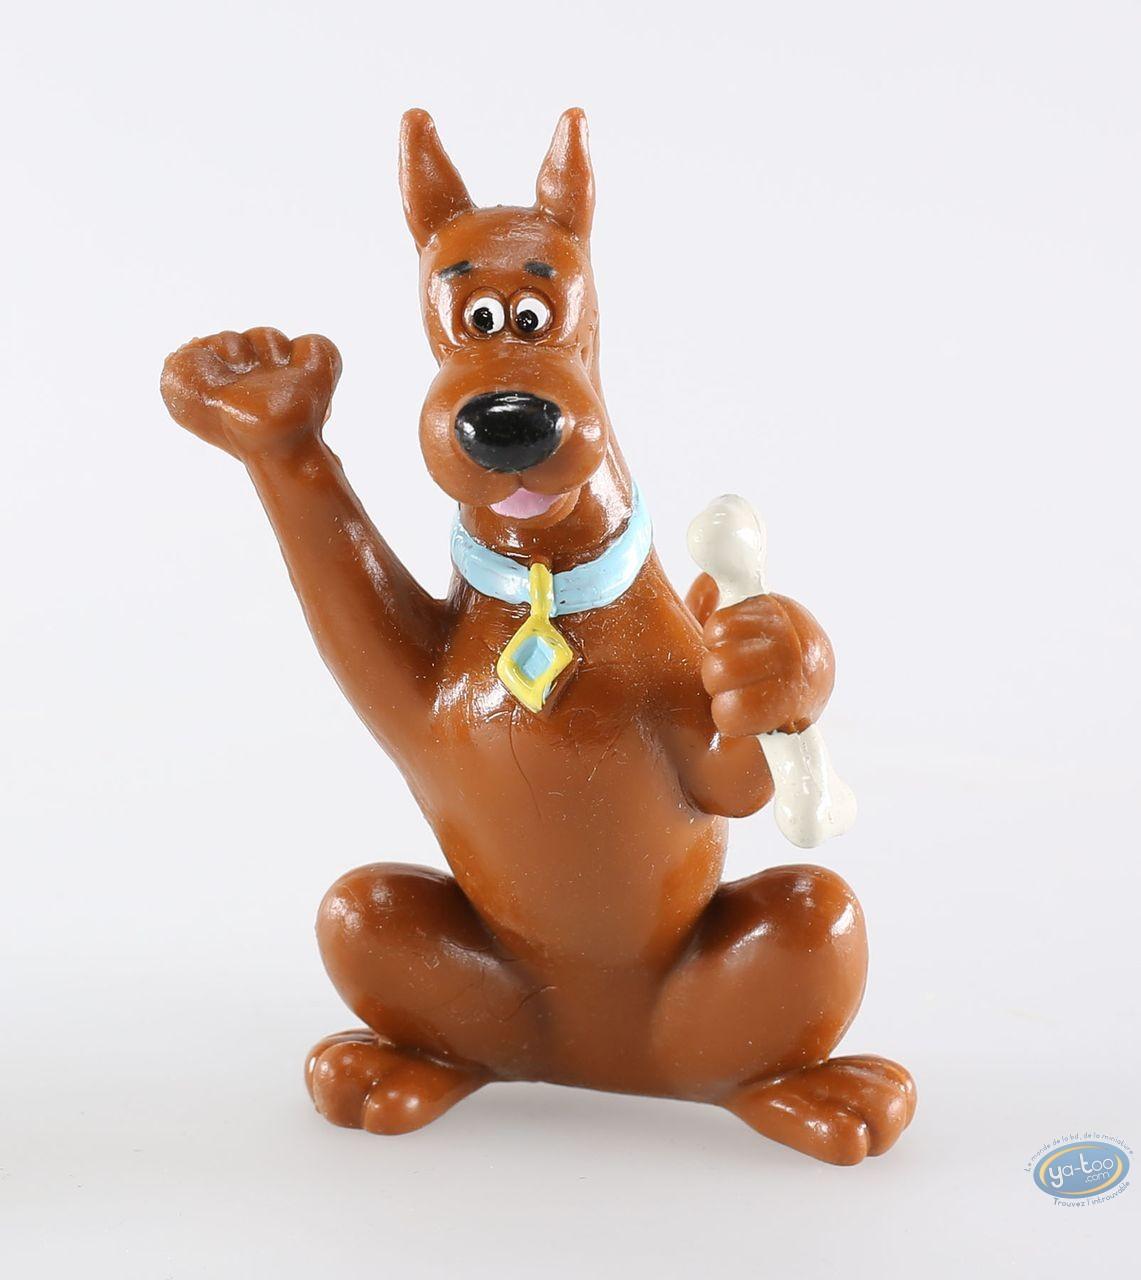 Figurine plastique, Scooby-Doo : Scooby-Doo